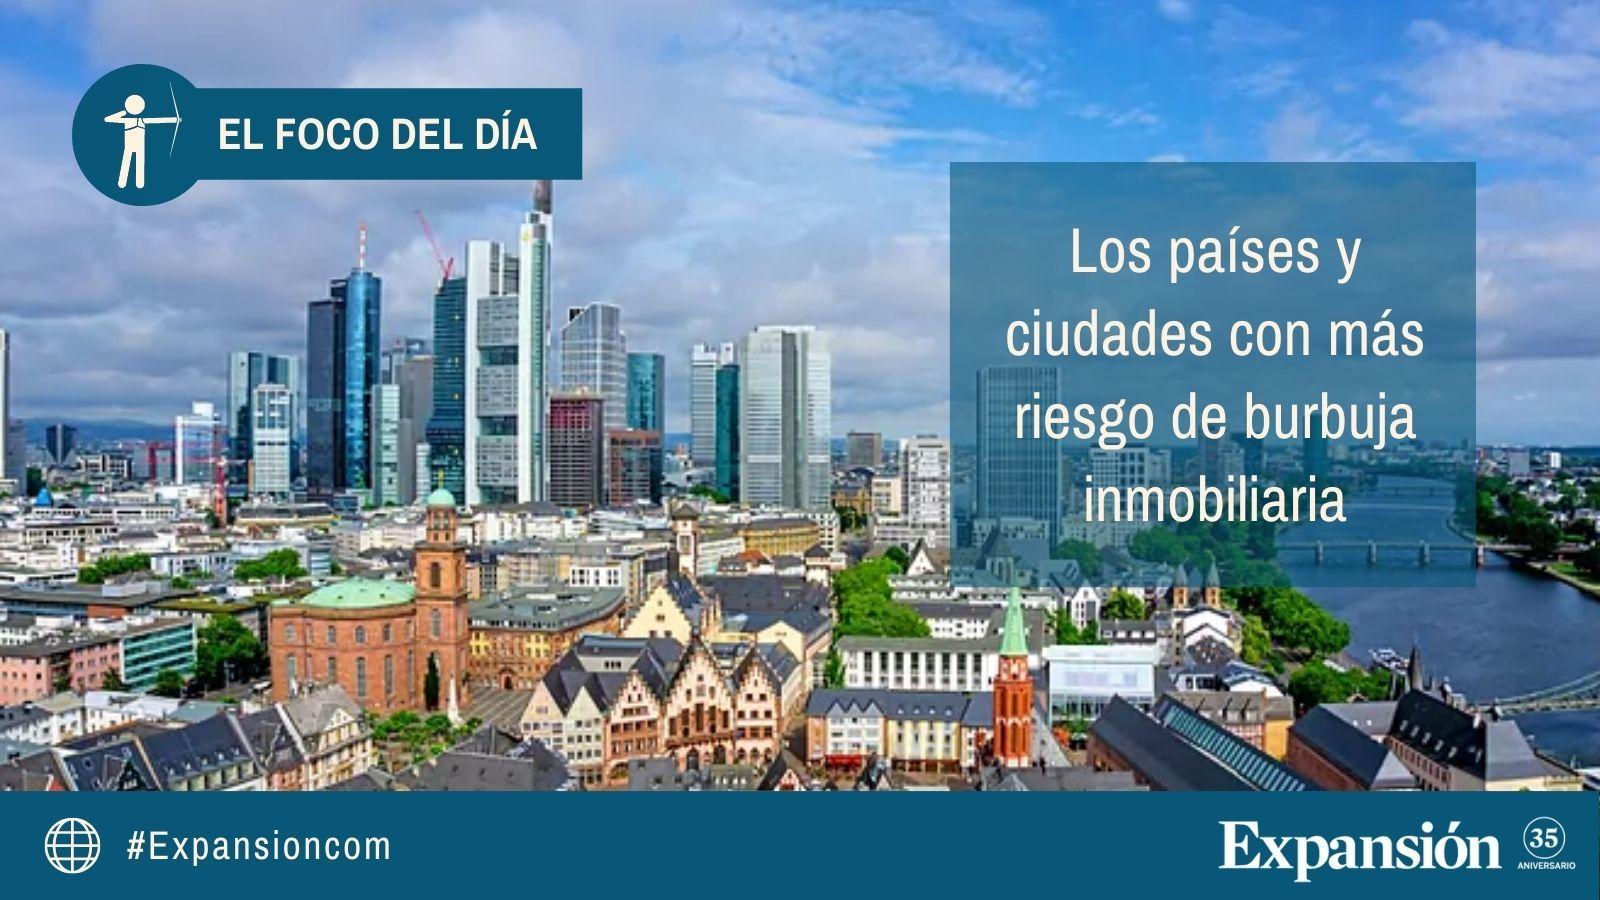 Los países y ciudades con más riesgo de burbuja inmobiliaria